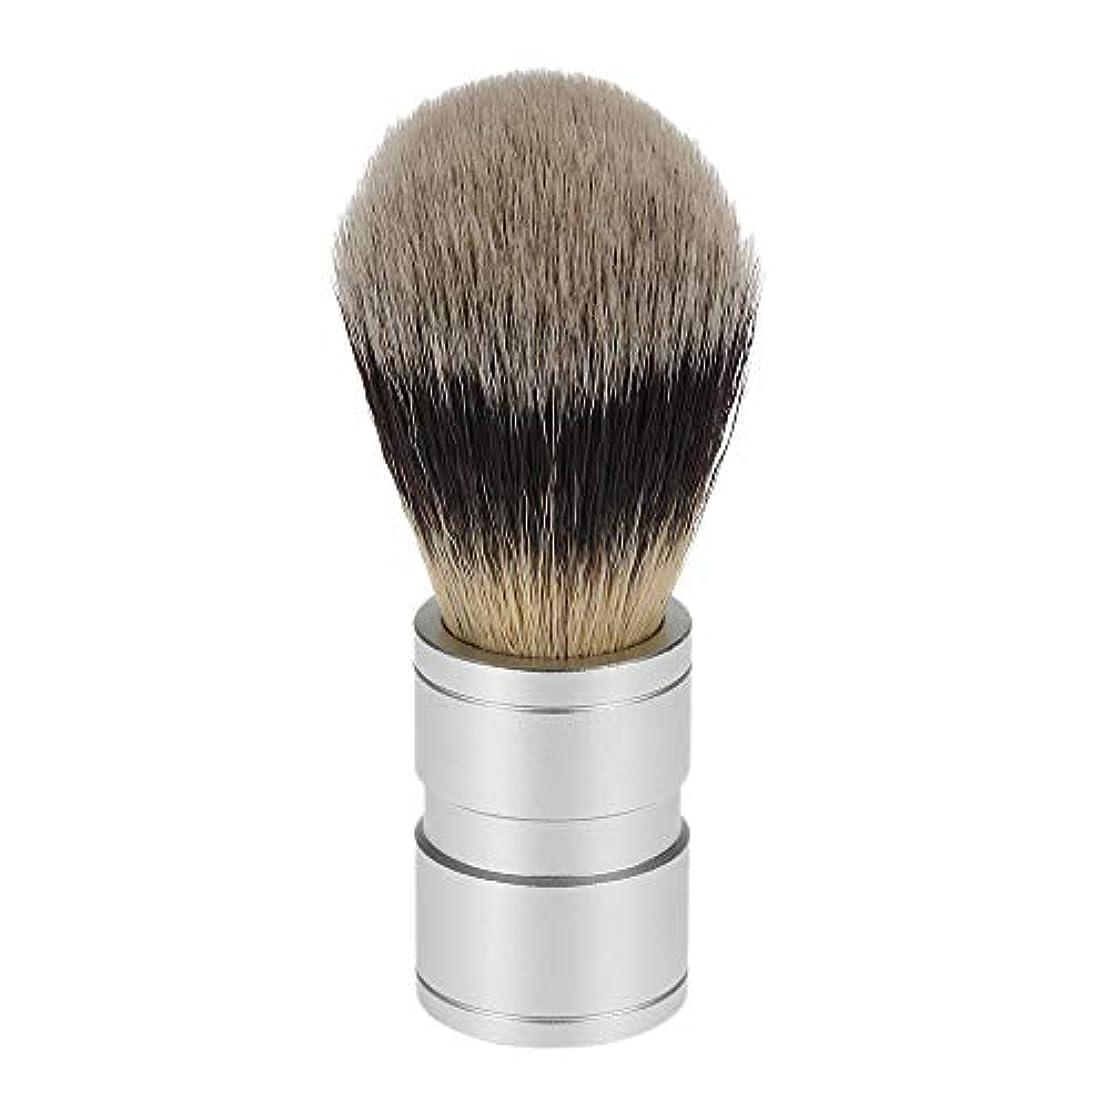 高さ症候群方言TOOGOO 1ピース 男性のヘアシェービングブラシ ステンレス金属ハンドル ソフト合成ナイロンヘア理髪ブラシ 快適な ひげ剃りツール